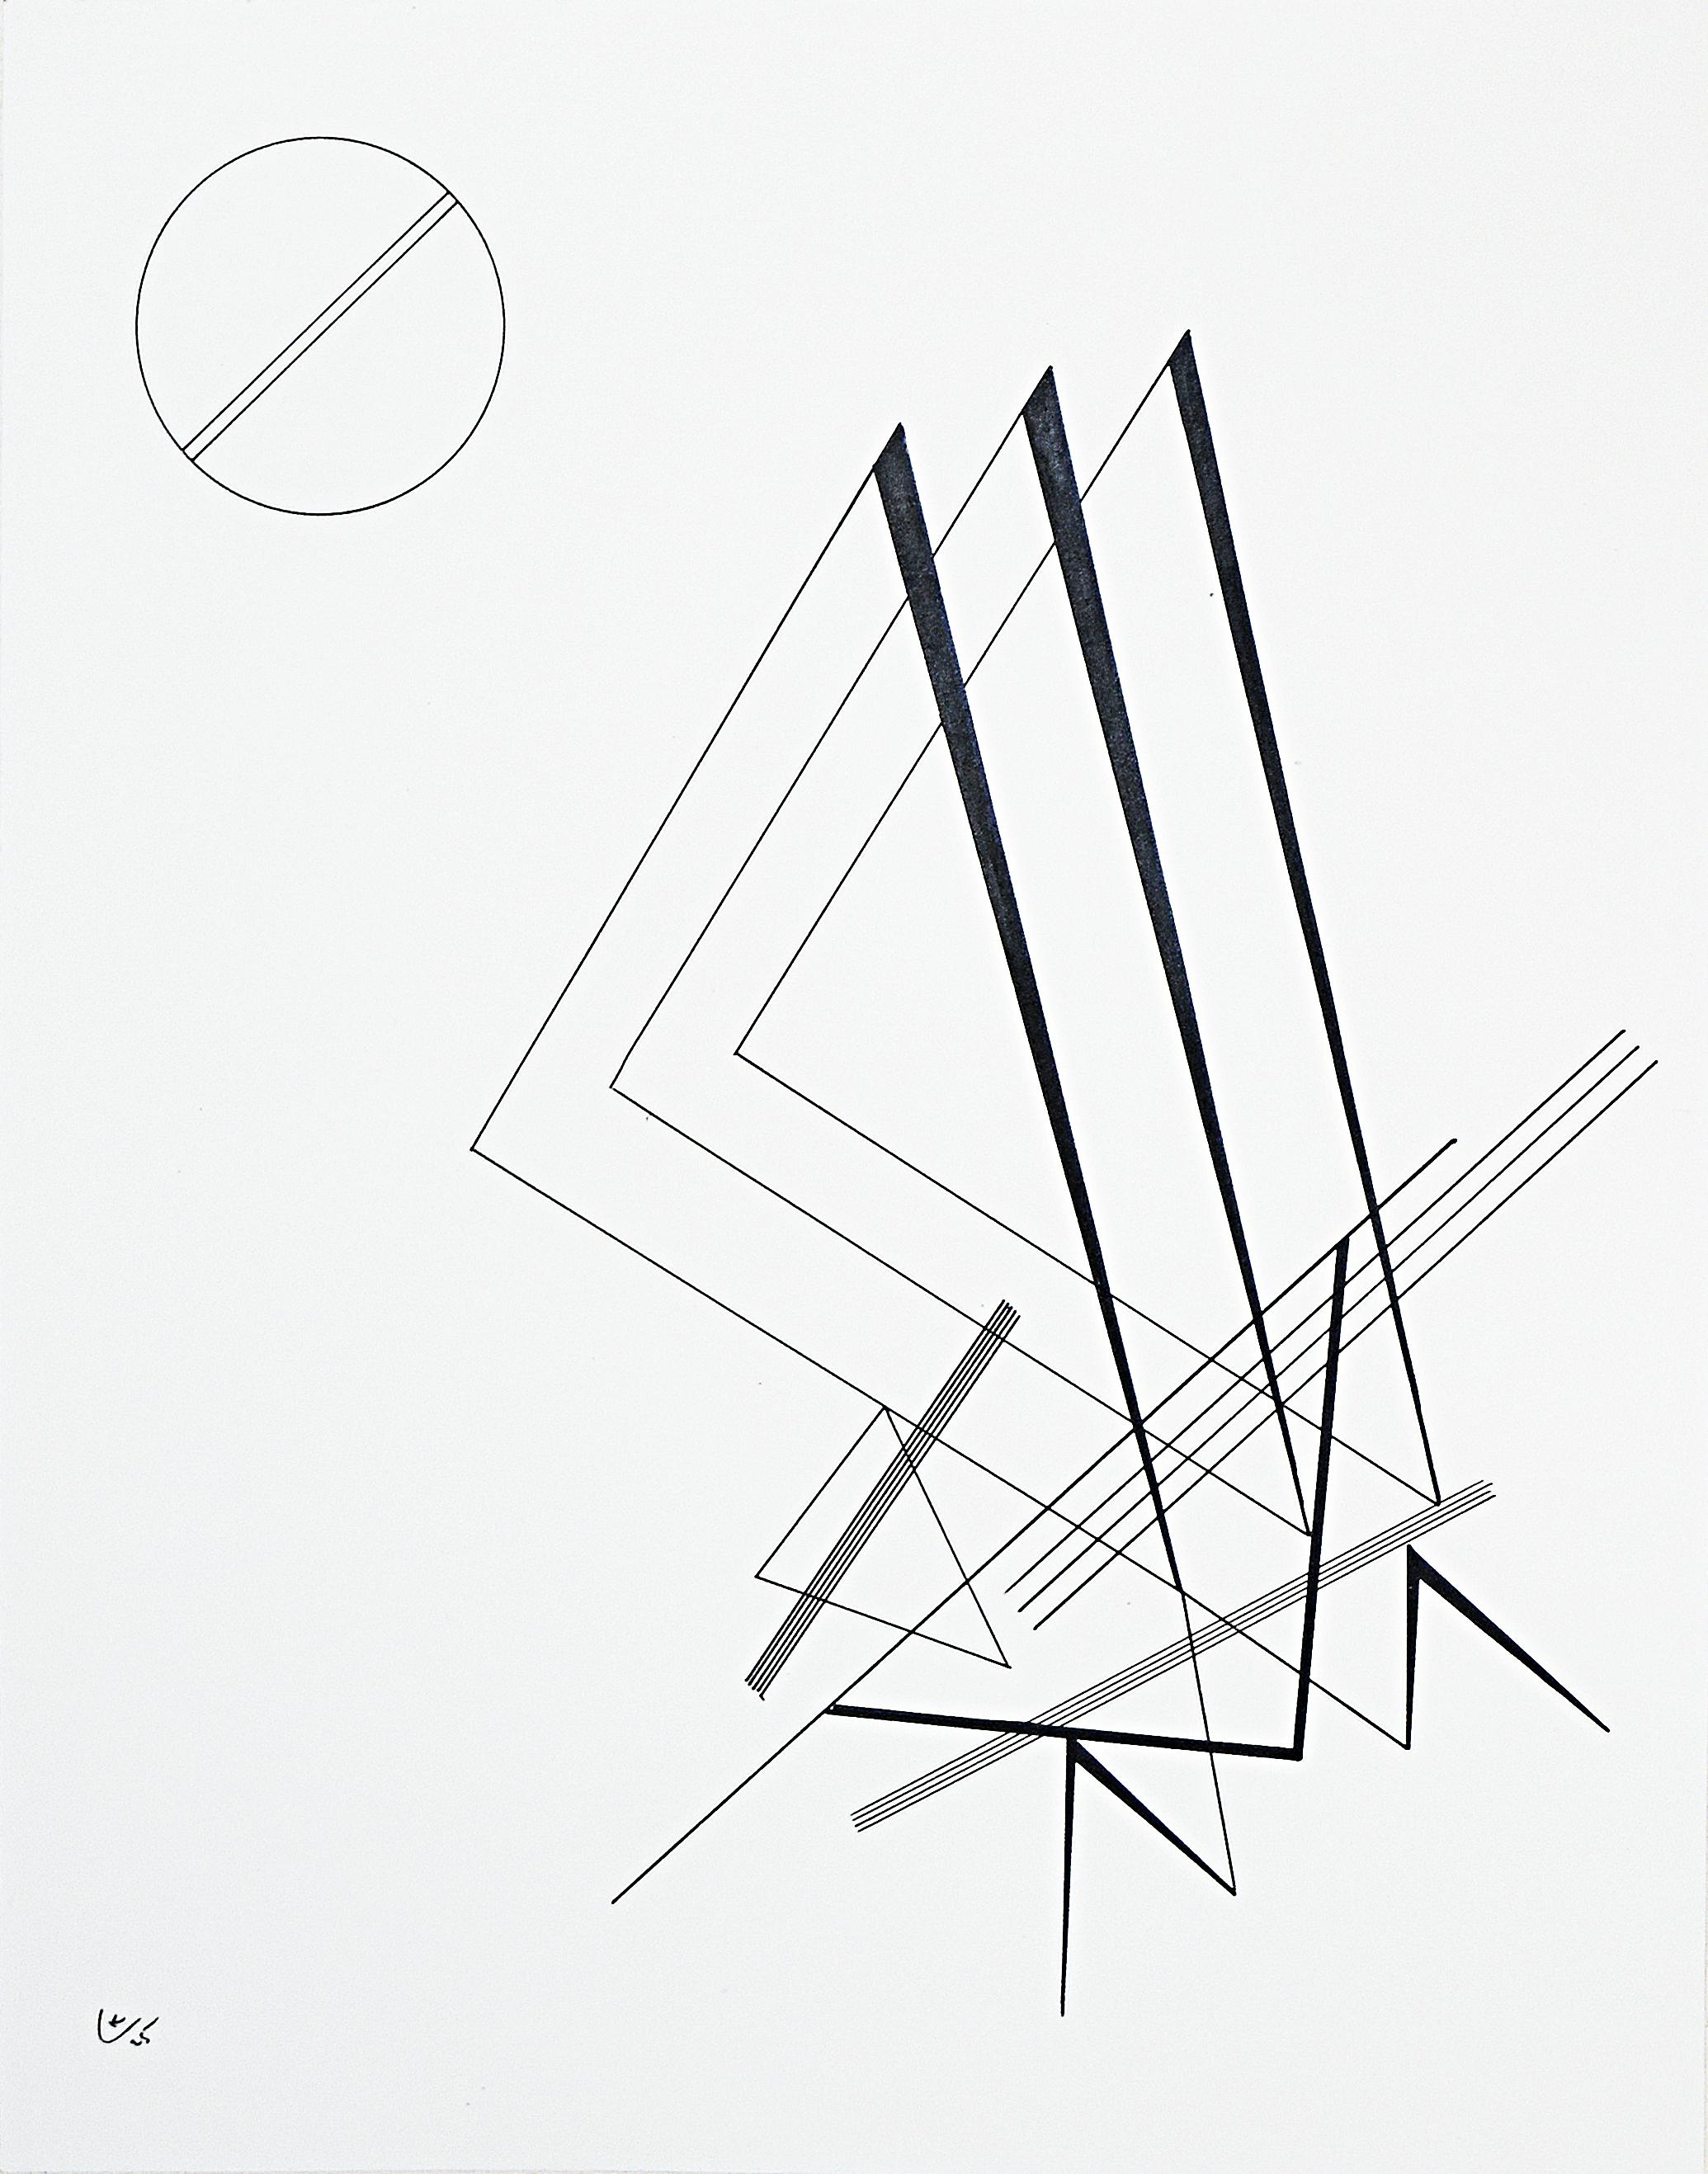 Ohne Titel (Untitled, 1925), Vassily Kandinsky